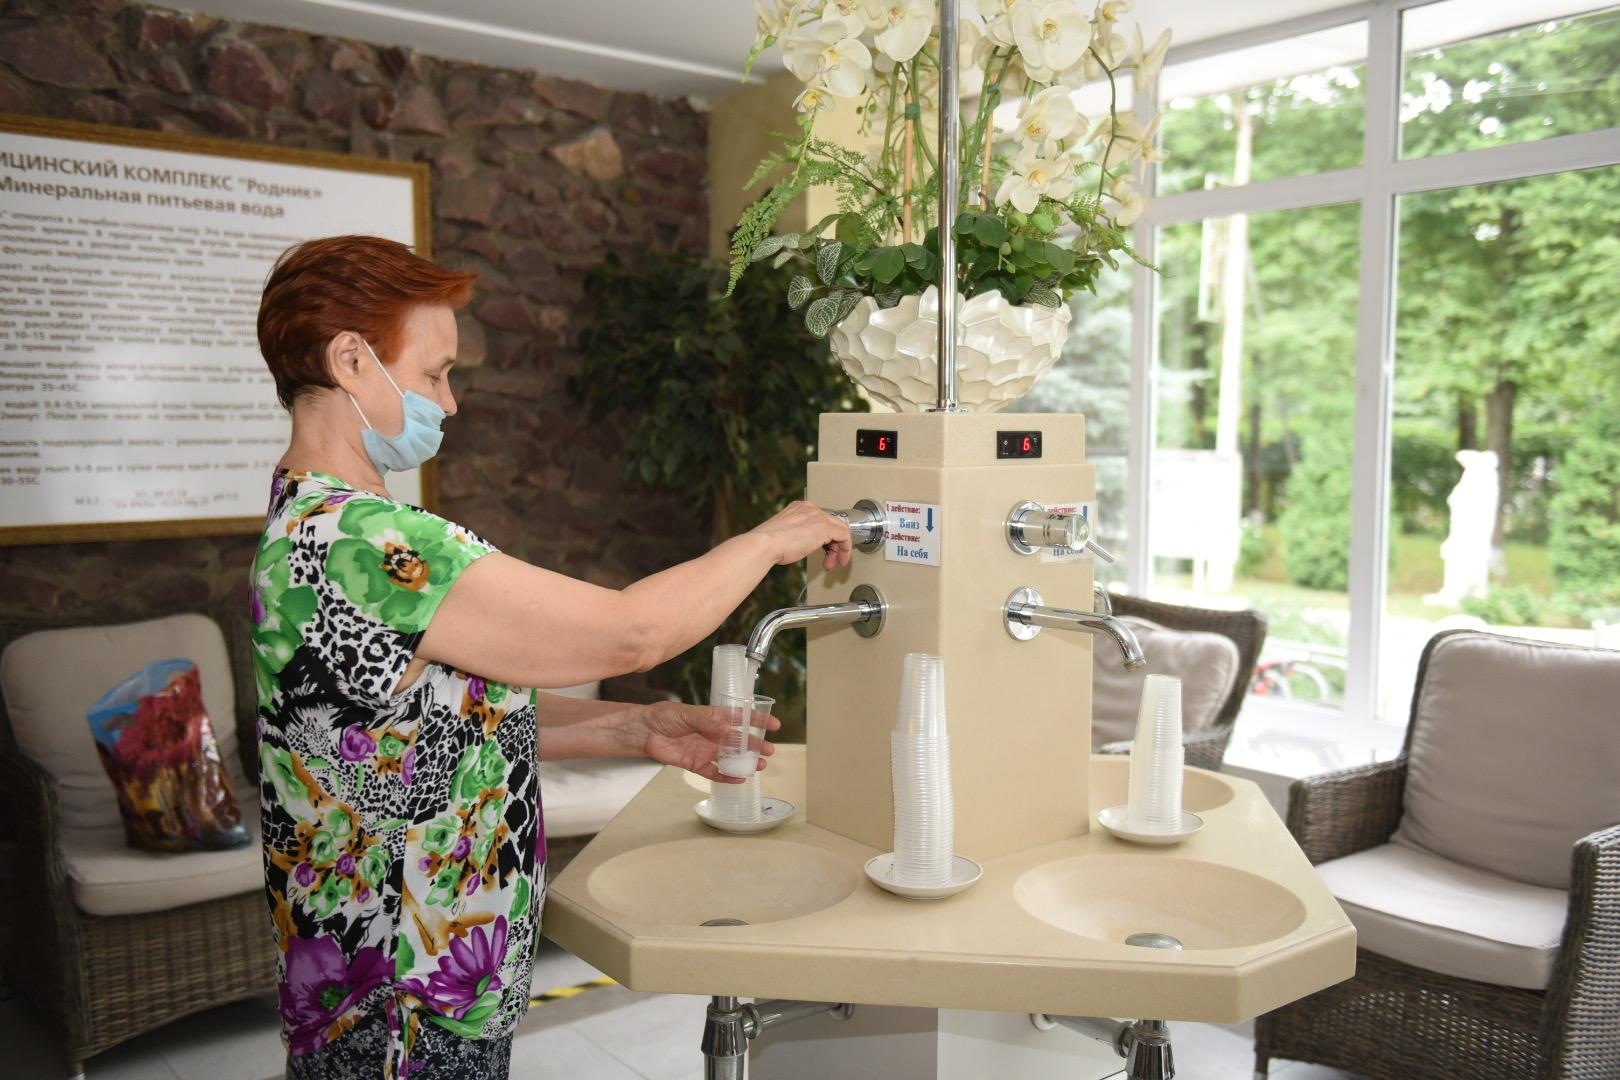 В «Роднике» работает бювет с минеральной водой с 7.00 до 20.00 ежедневно, кроме воскресенья.